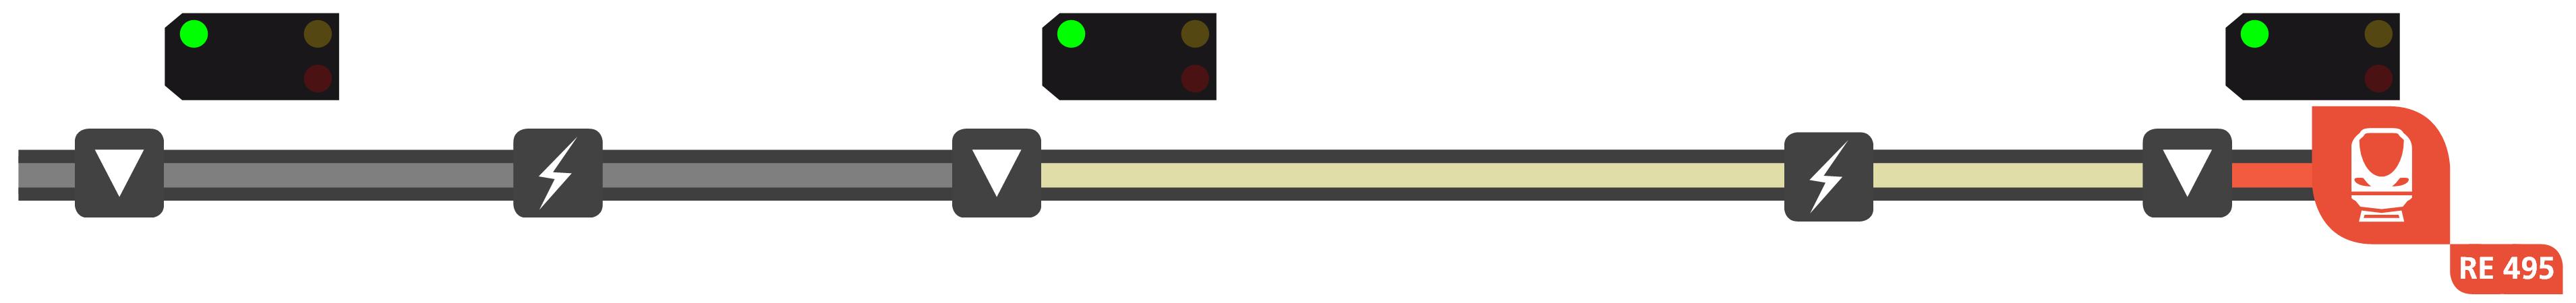 Visualisierung der ALAN Blocksignalisierung - Bild 04 von 18